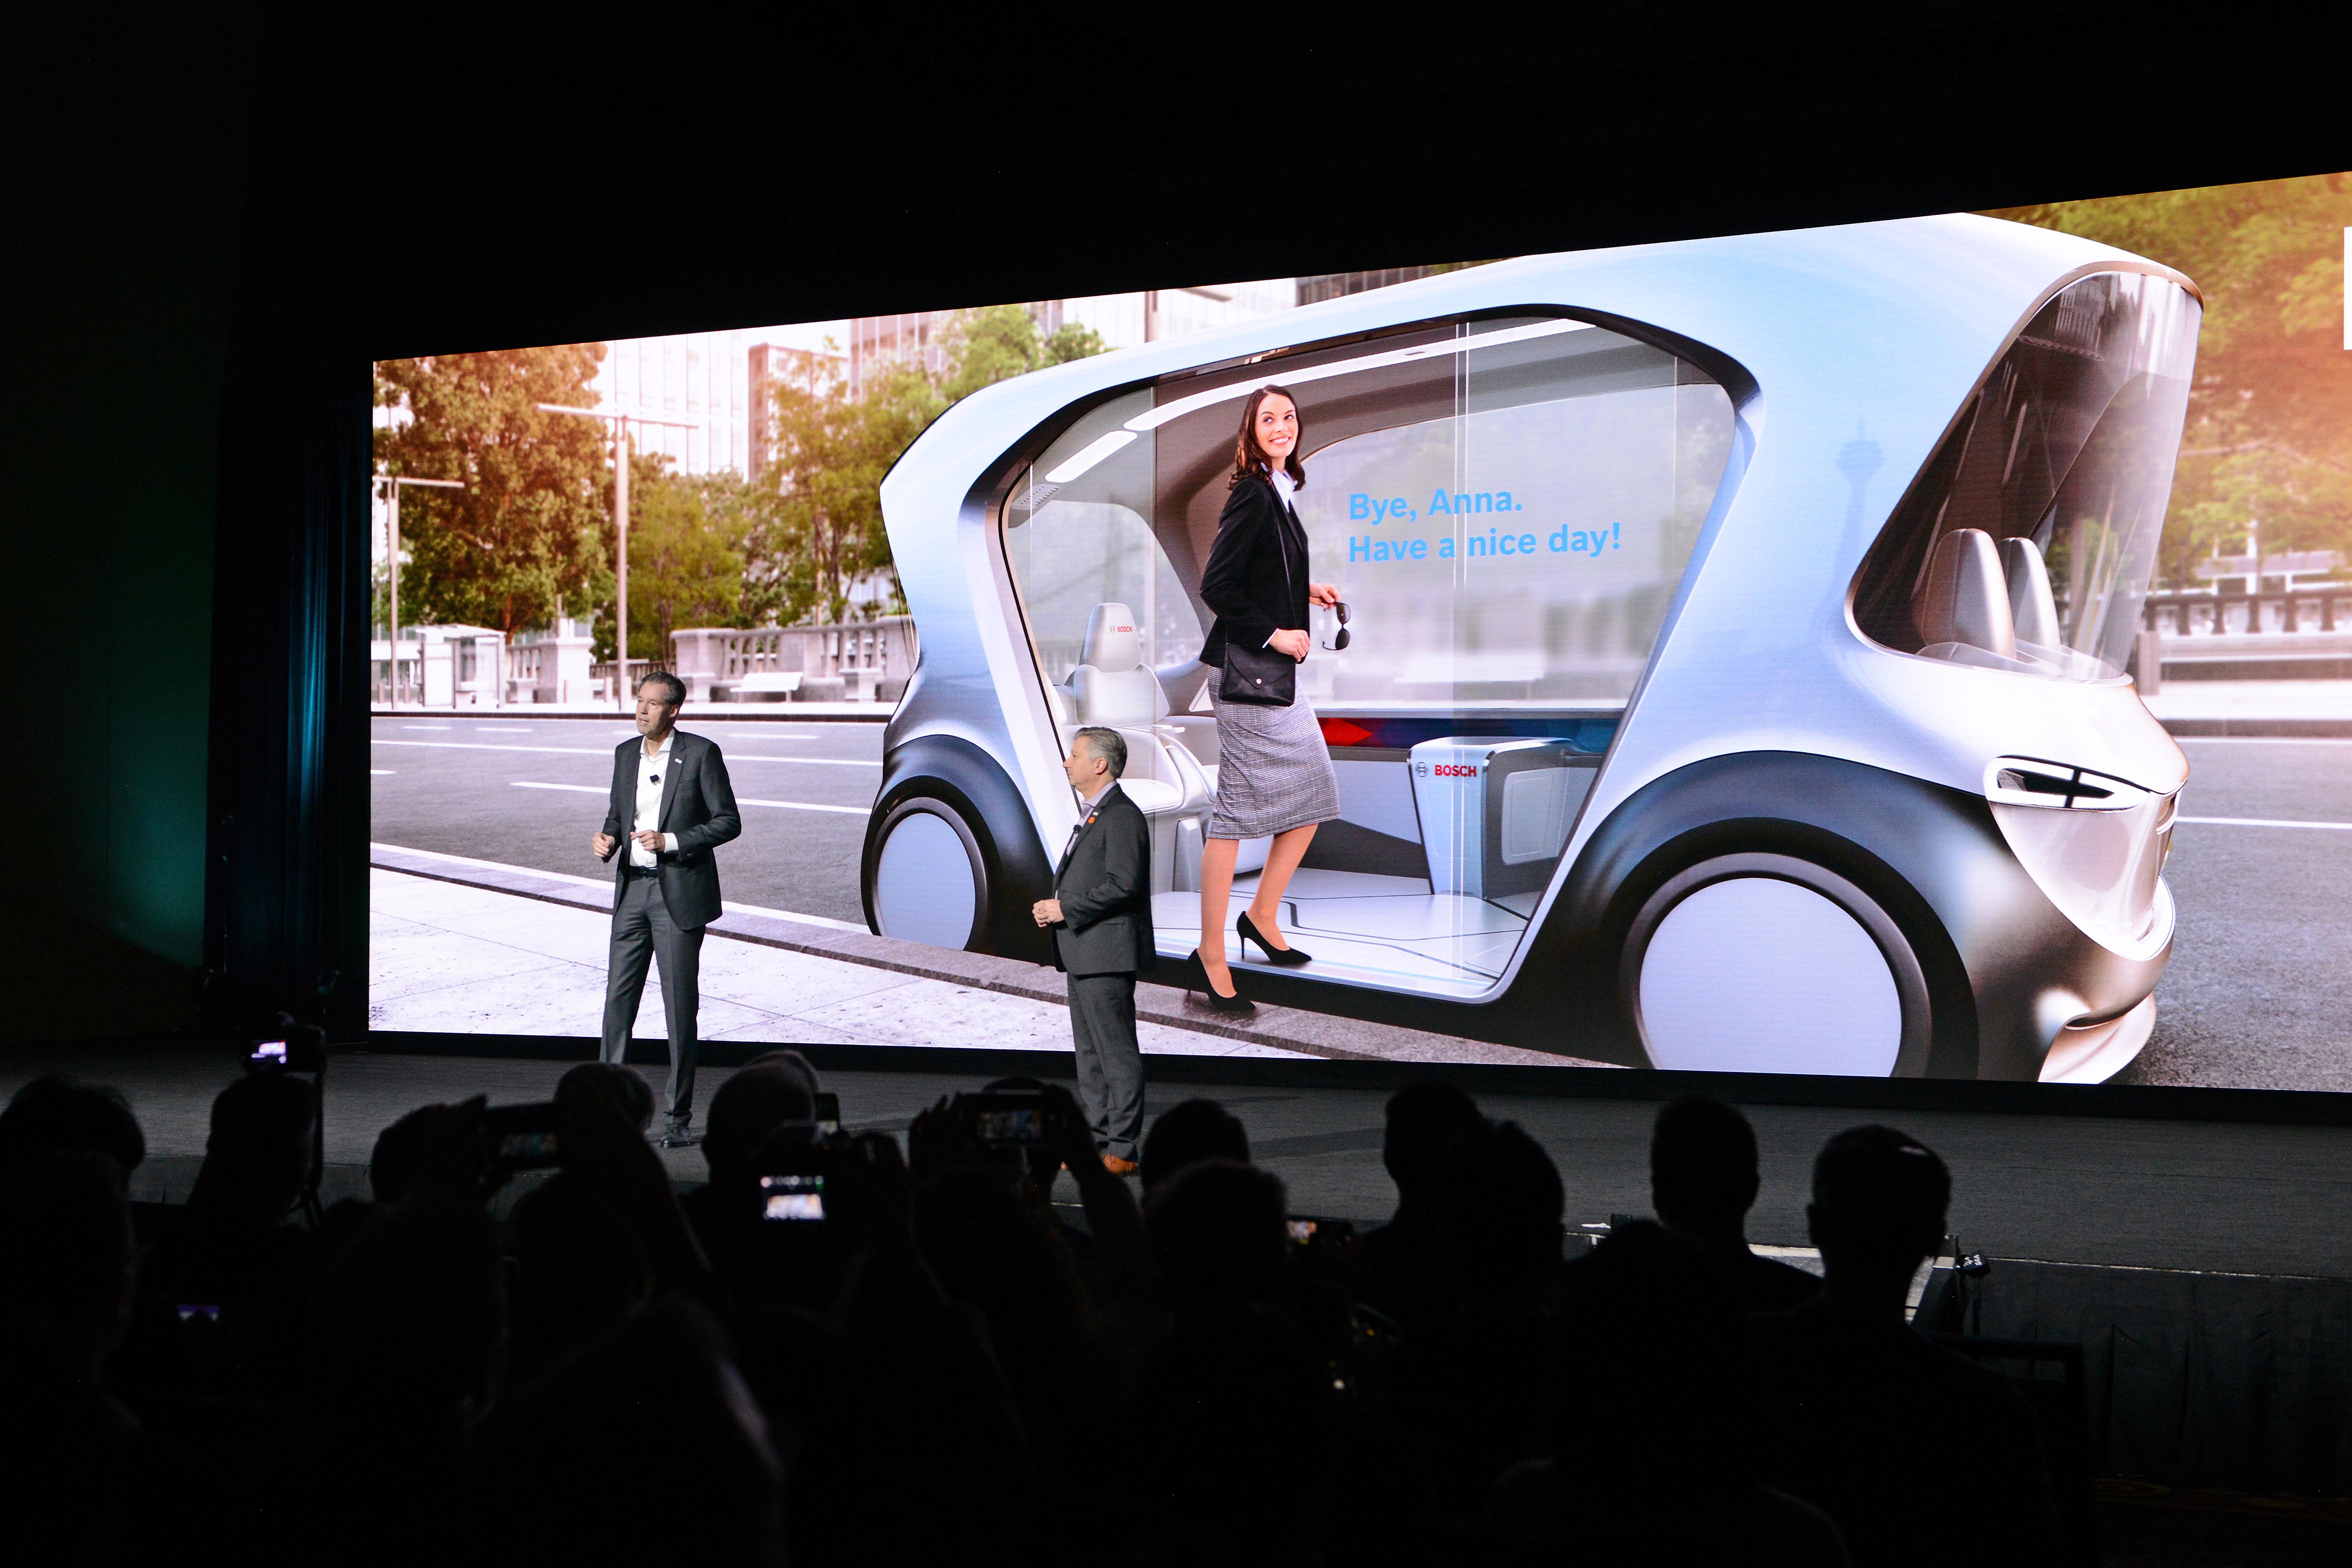 Nový druh mobility: vozidlá kyvadlovej dopravy bez vodiča